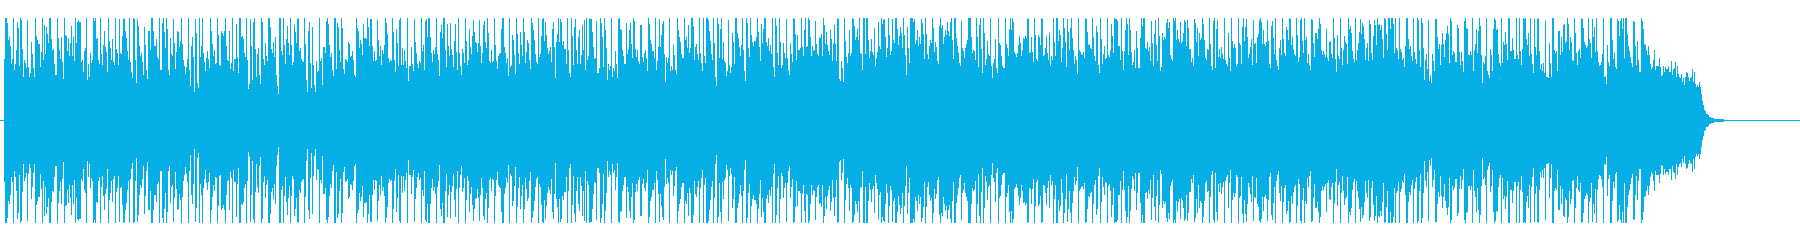 開放的な昼下がりを演出するフュージョンの再生済みの波形